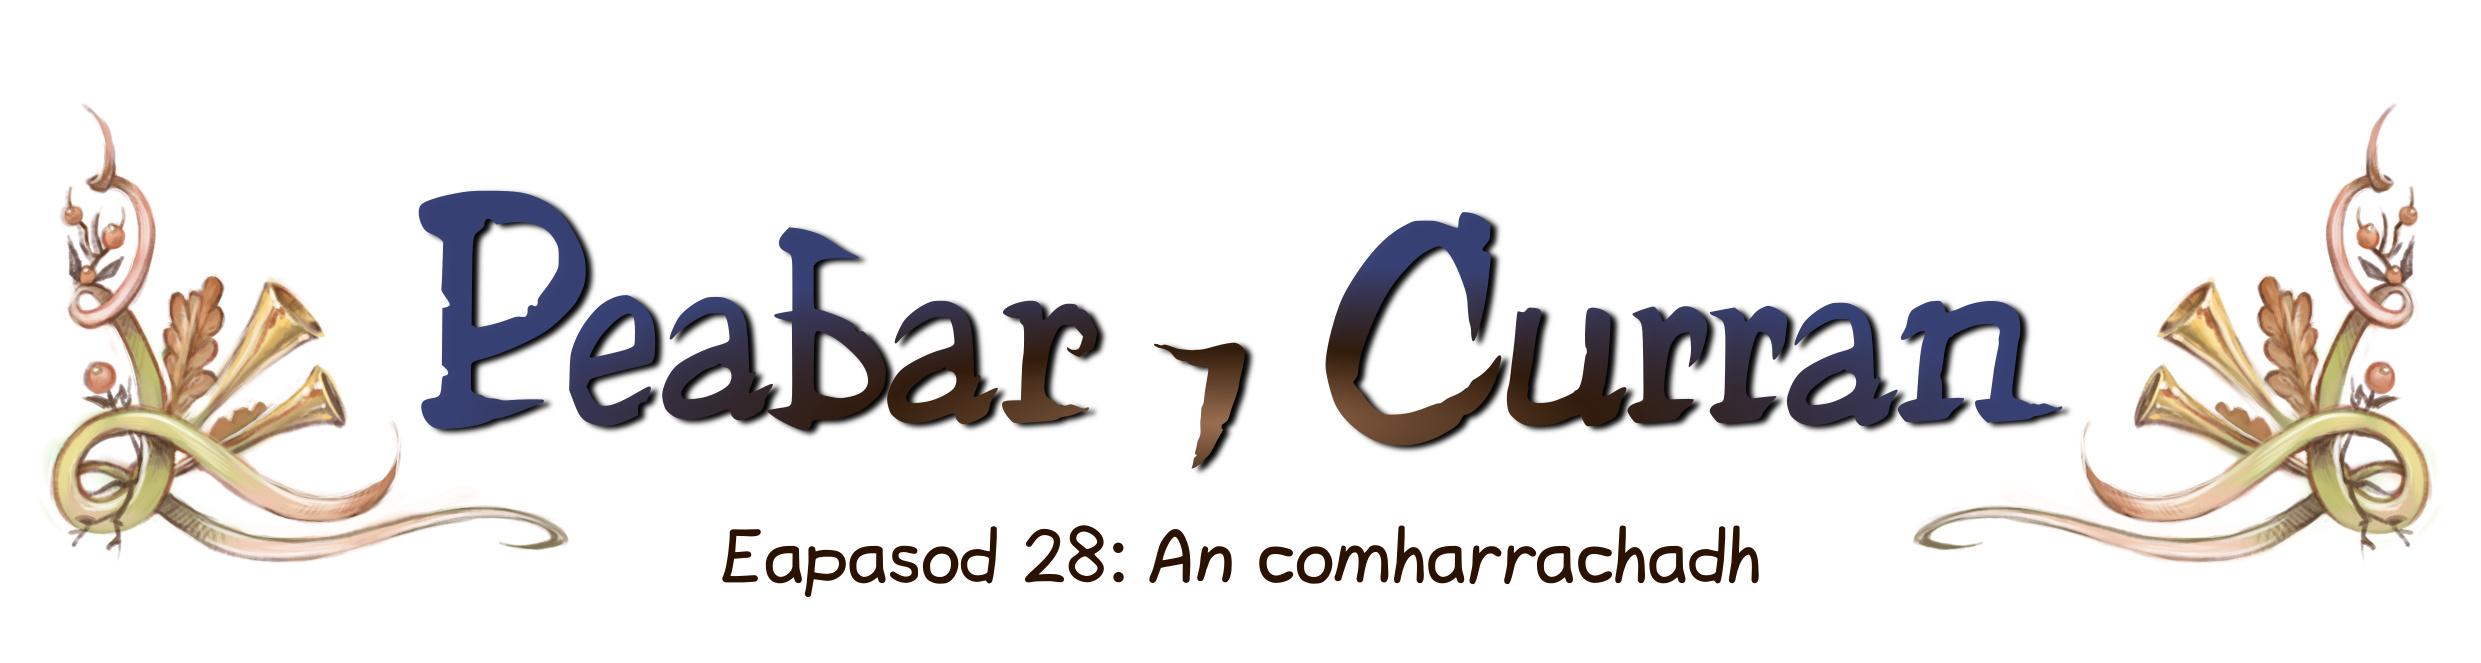 Eapasod 28: An comharrachadh